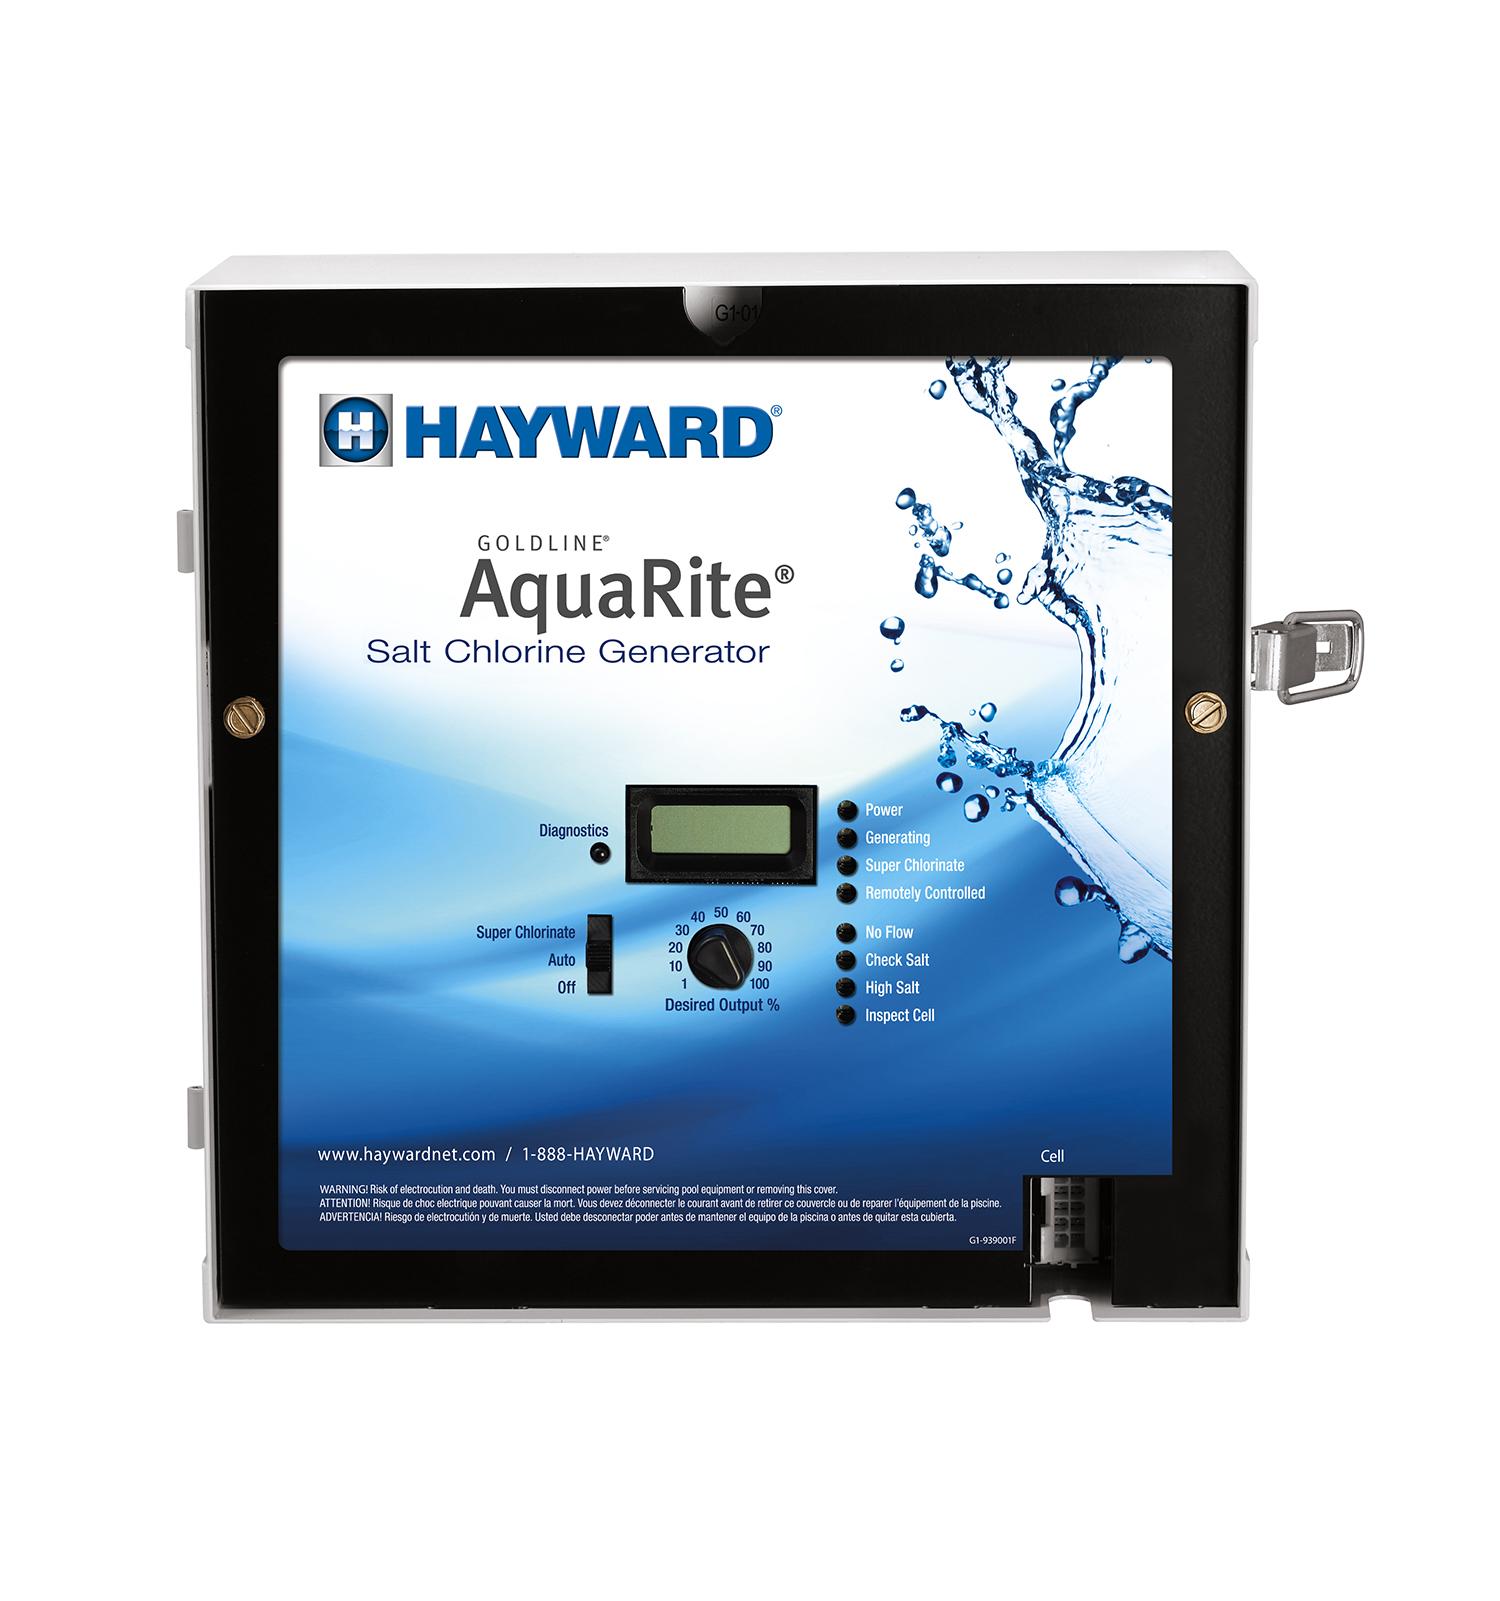 AquaRite Image